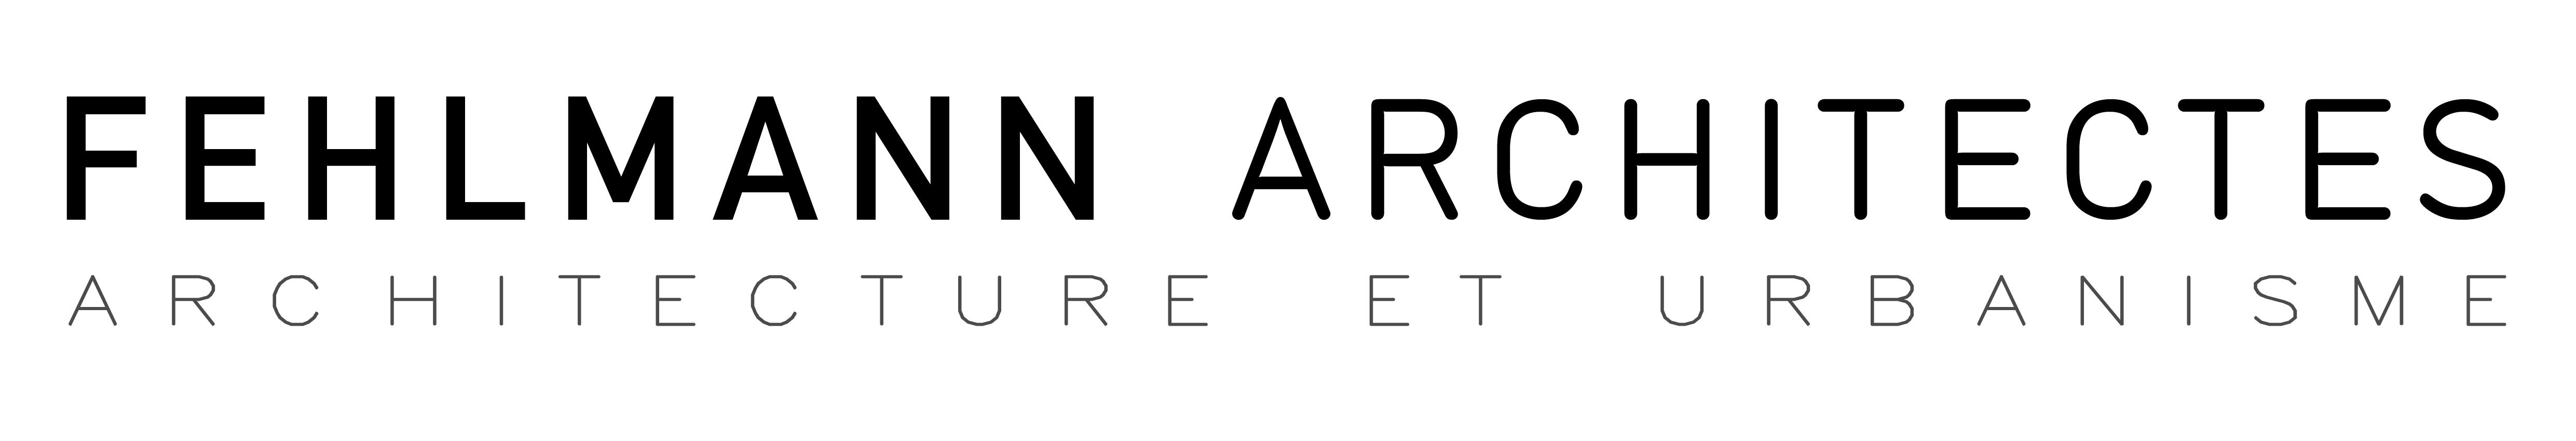 Partenaire en projets d'urbanisme et architecture